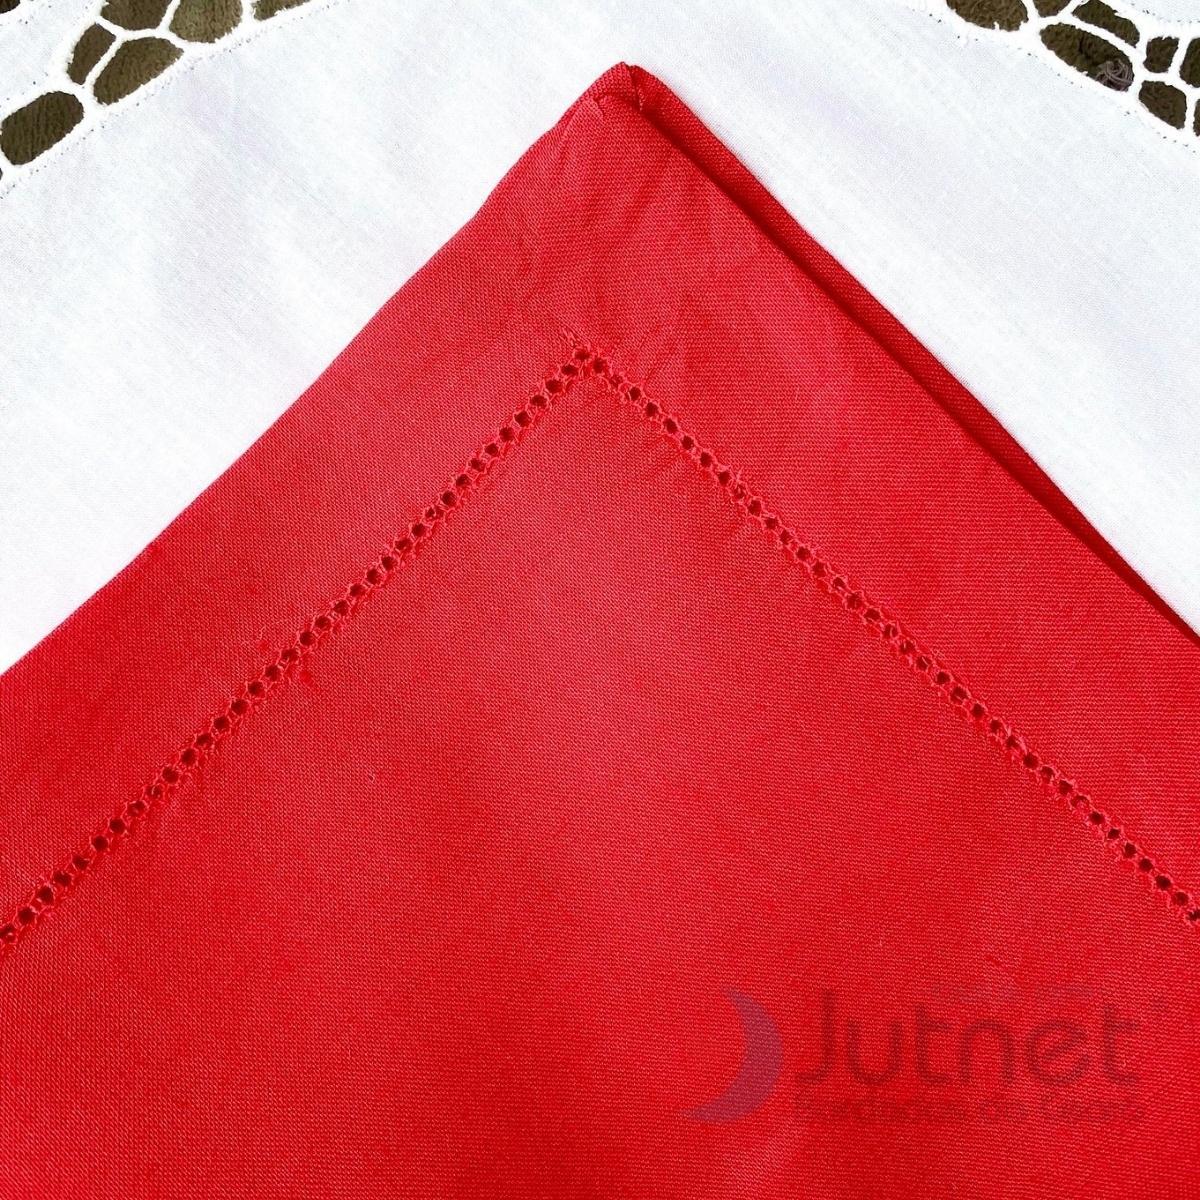 Guardanapo 40x40 Bainha Ponto Ajour 100% Linho Vermelha  - Bordados do Ceará - Jutnet